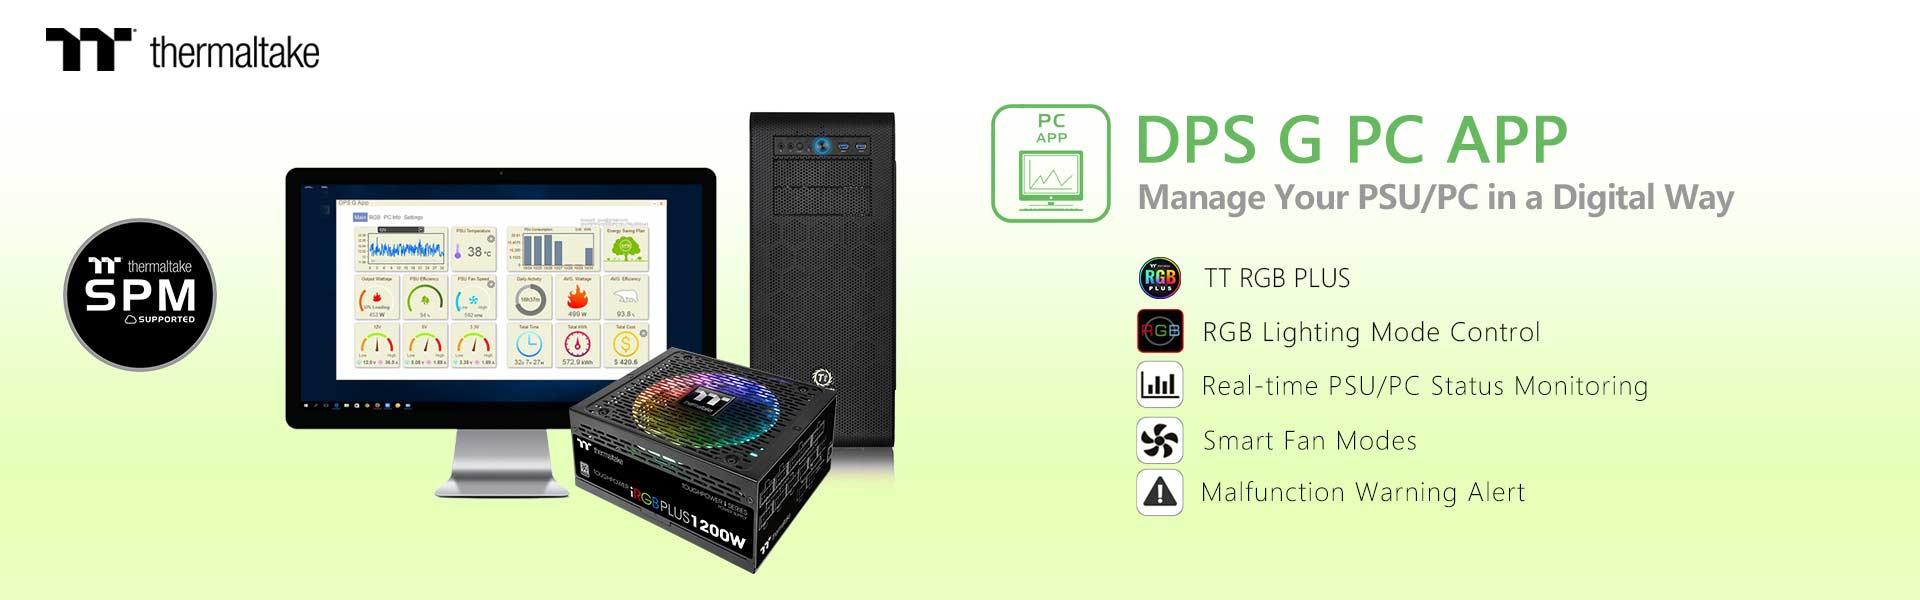 actualización DPS G